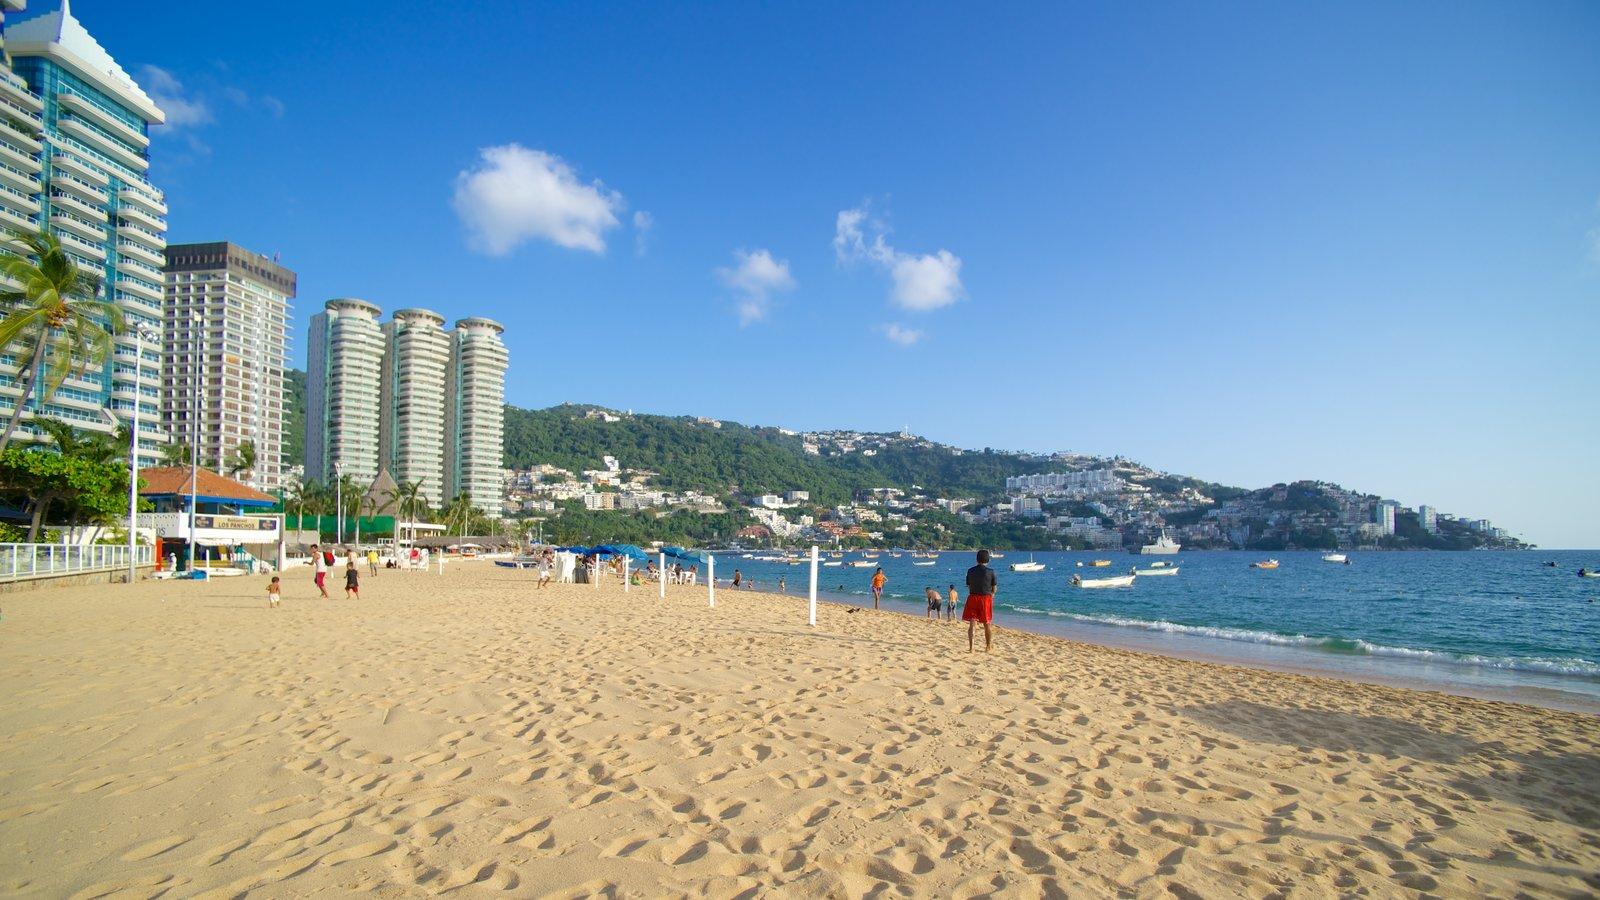 Playa Icacos que incluye una ciudad, una ciudad costera y una playa de arena